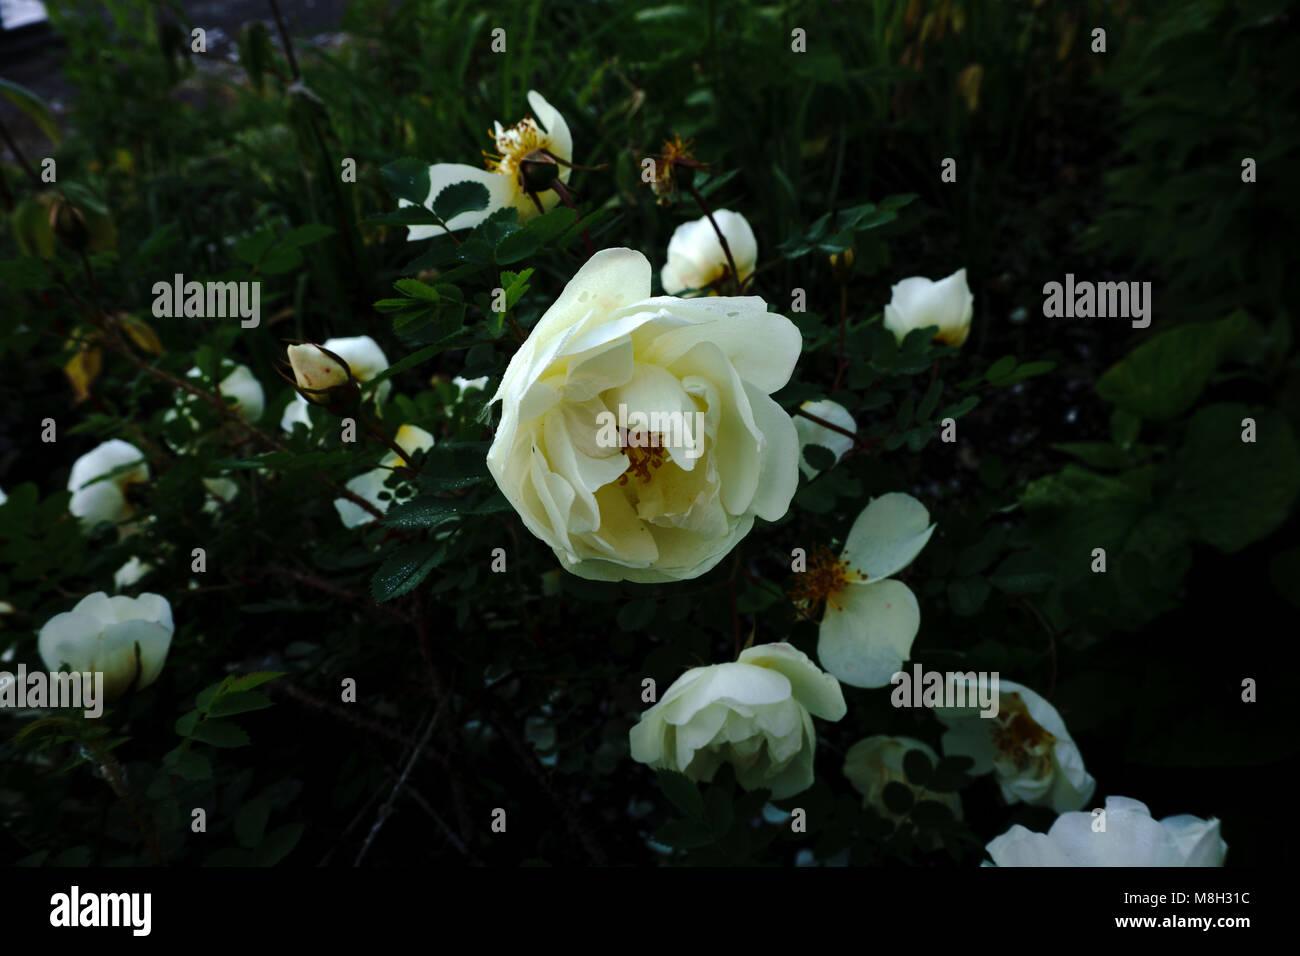 Fiori Bianchi Simili A Rose.Testa Di Fiore Simile A Una Margherita Immagini Testa Di Fiore